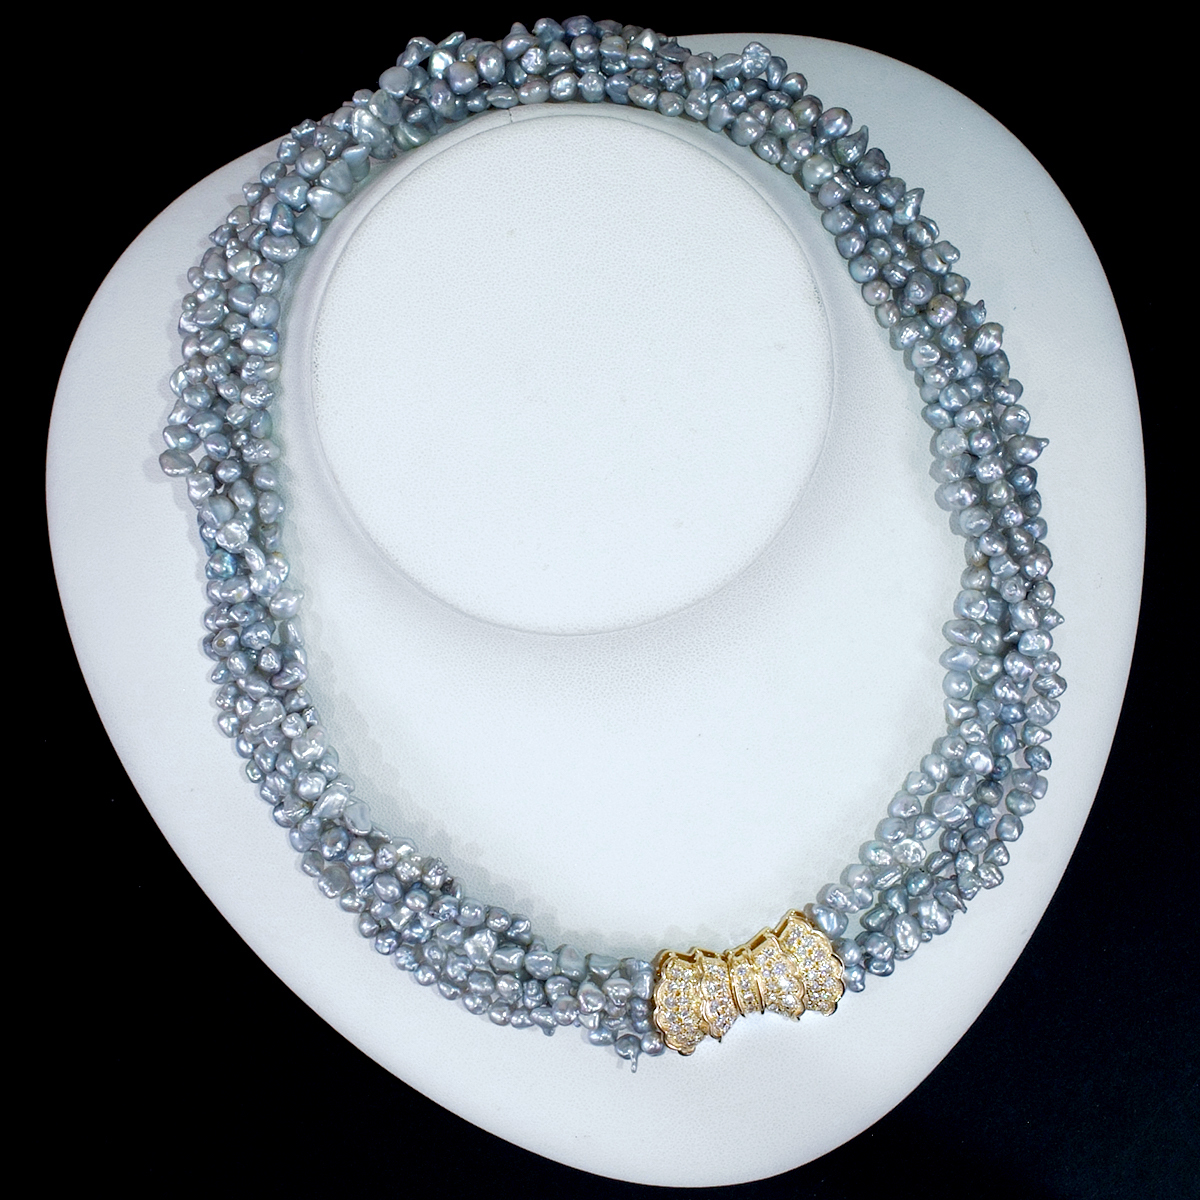 E8241 芥子真珠 天然絶品ダイヤモンド0.97ct 最高級18金無垢5連ネックレス 長さ40cm 重量48.3g バチカンの幅16.5×28.7mm_画像4